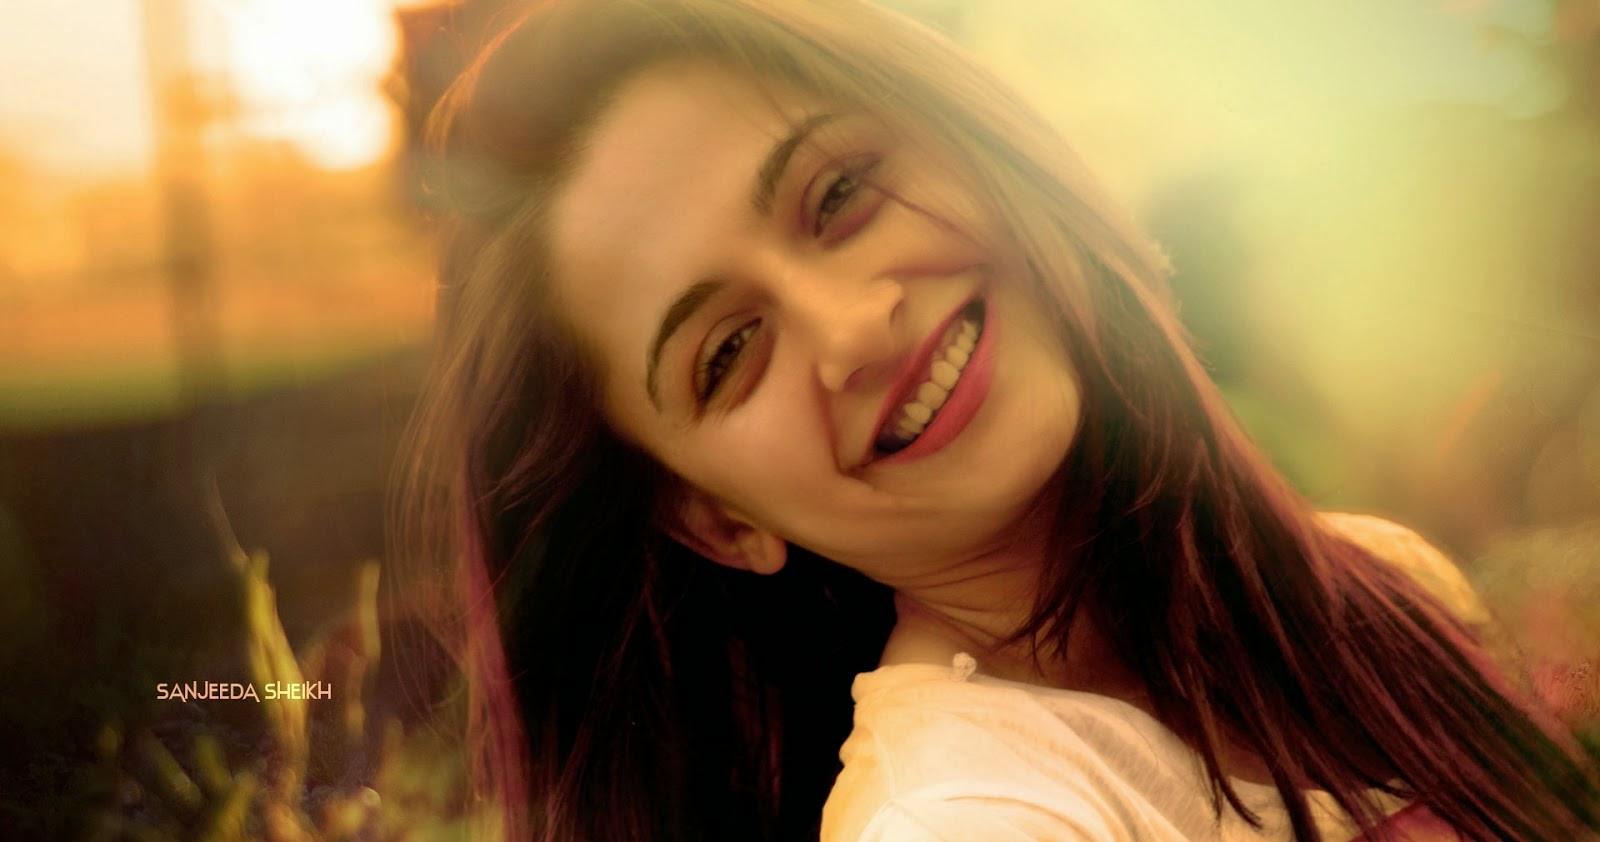 Sanjeeda Shaikh